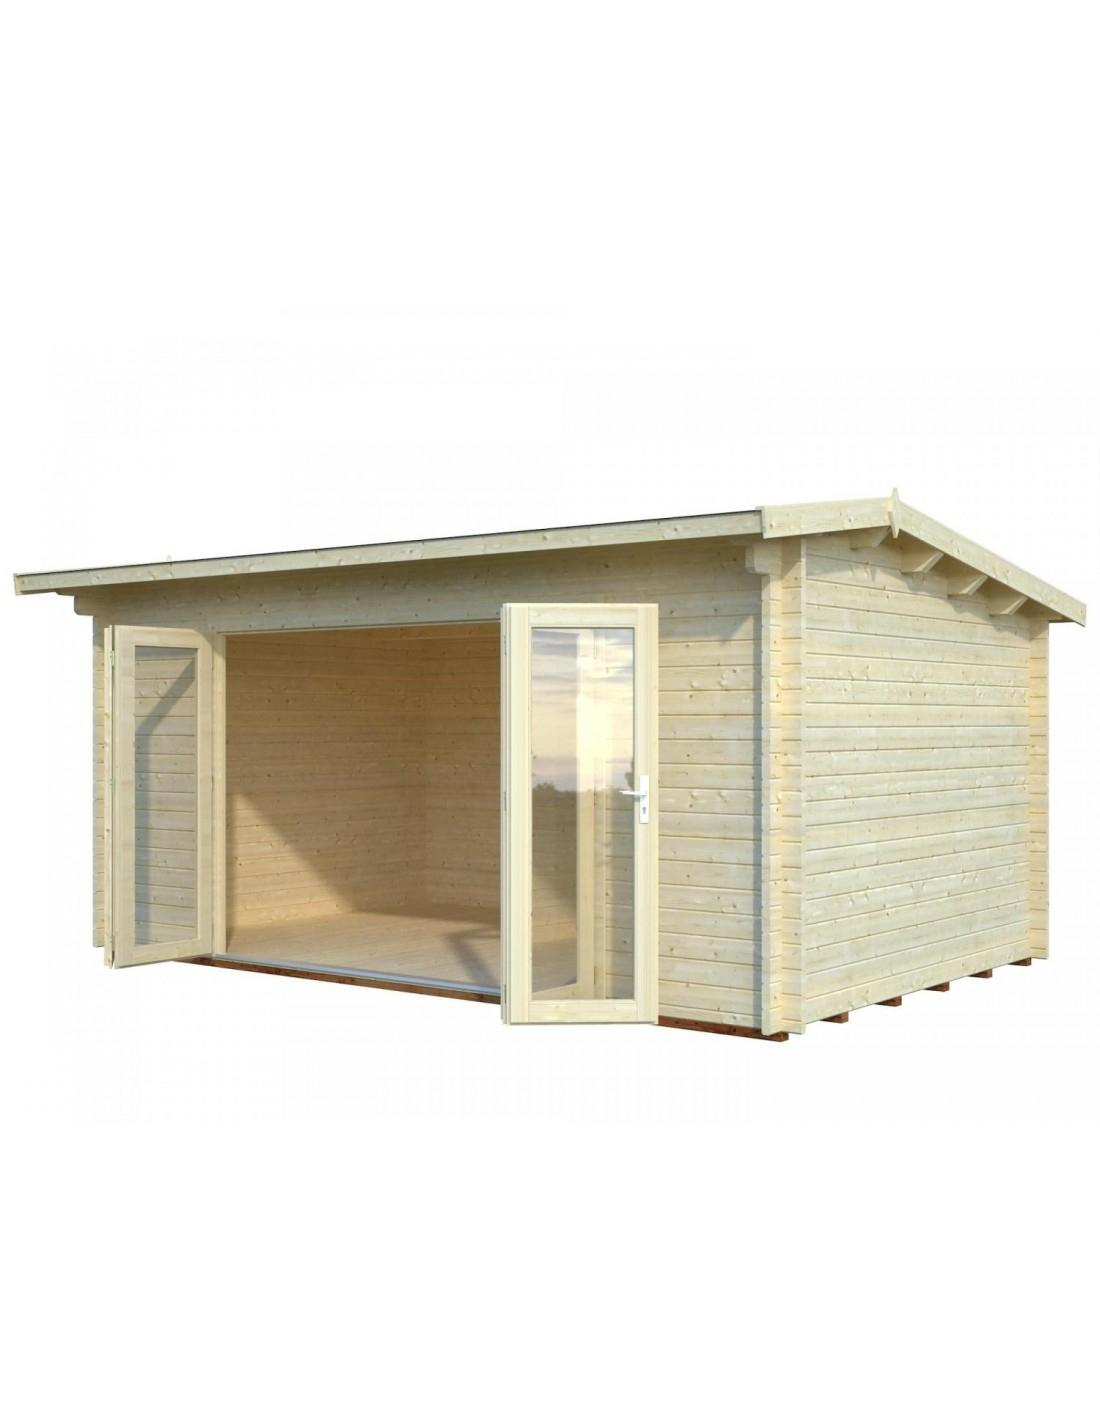 Abri De Jardin Ines 14.4 M² Avec Plancher - Serres-Et-Abris destiné Abri De Jardin Avec Plancher